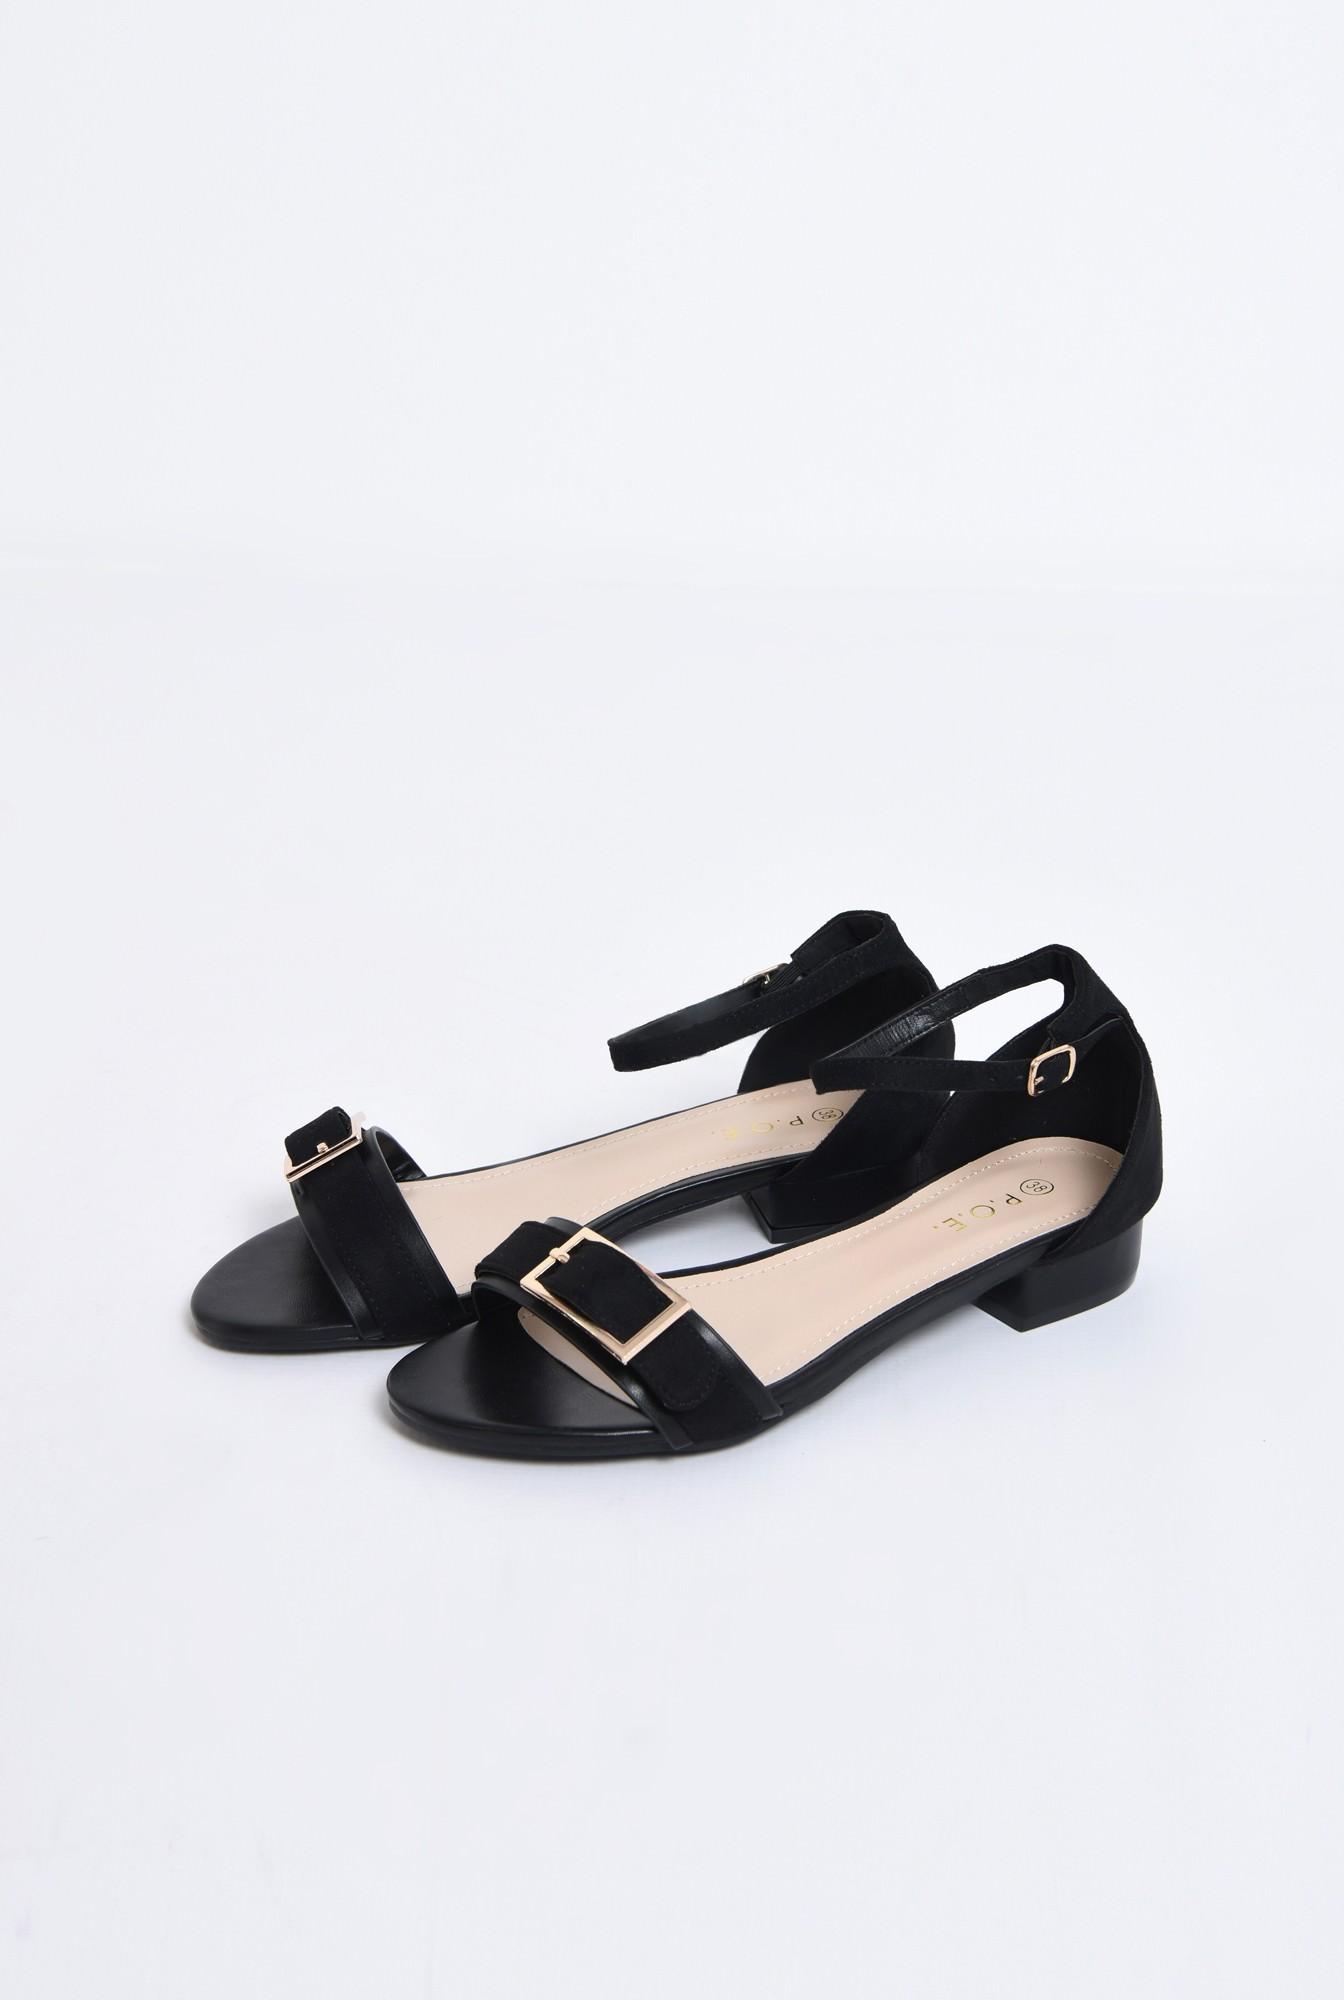 1 - sandale comode, cu talpa joasa, negre, din velur, catarama decorativa aurie